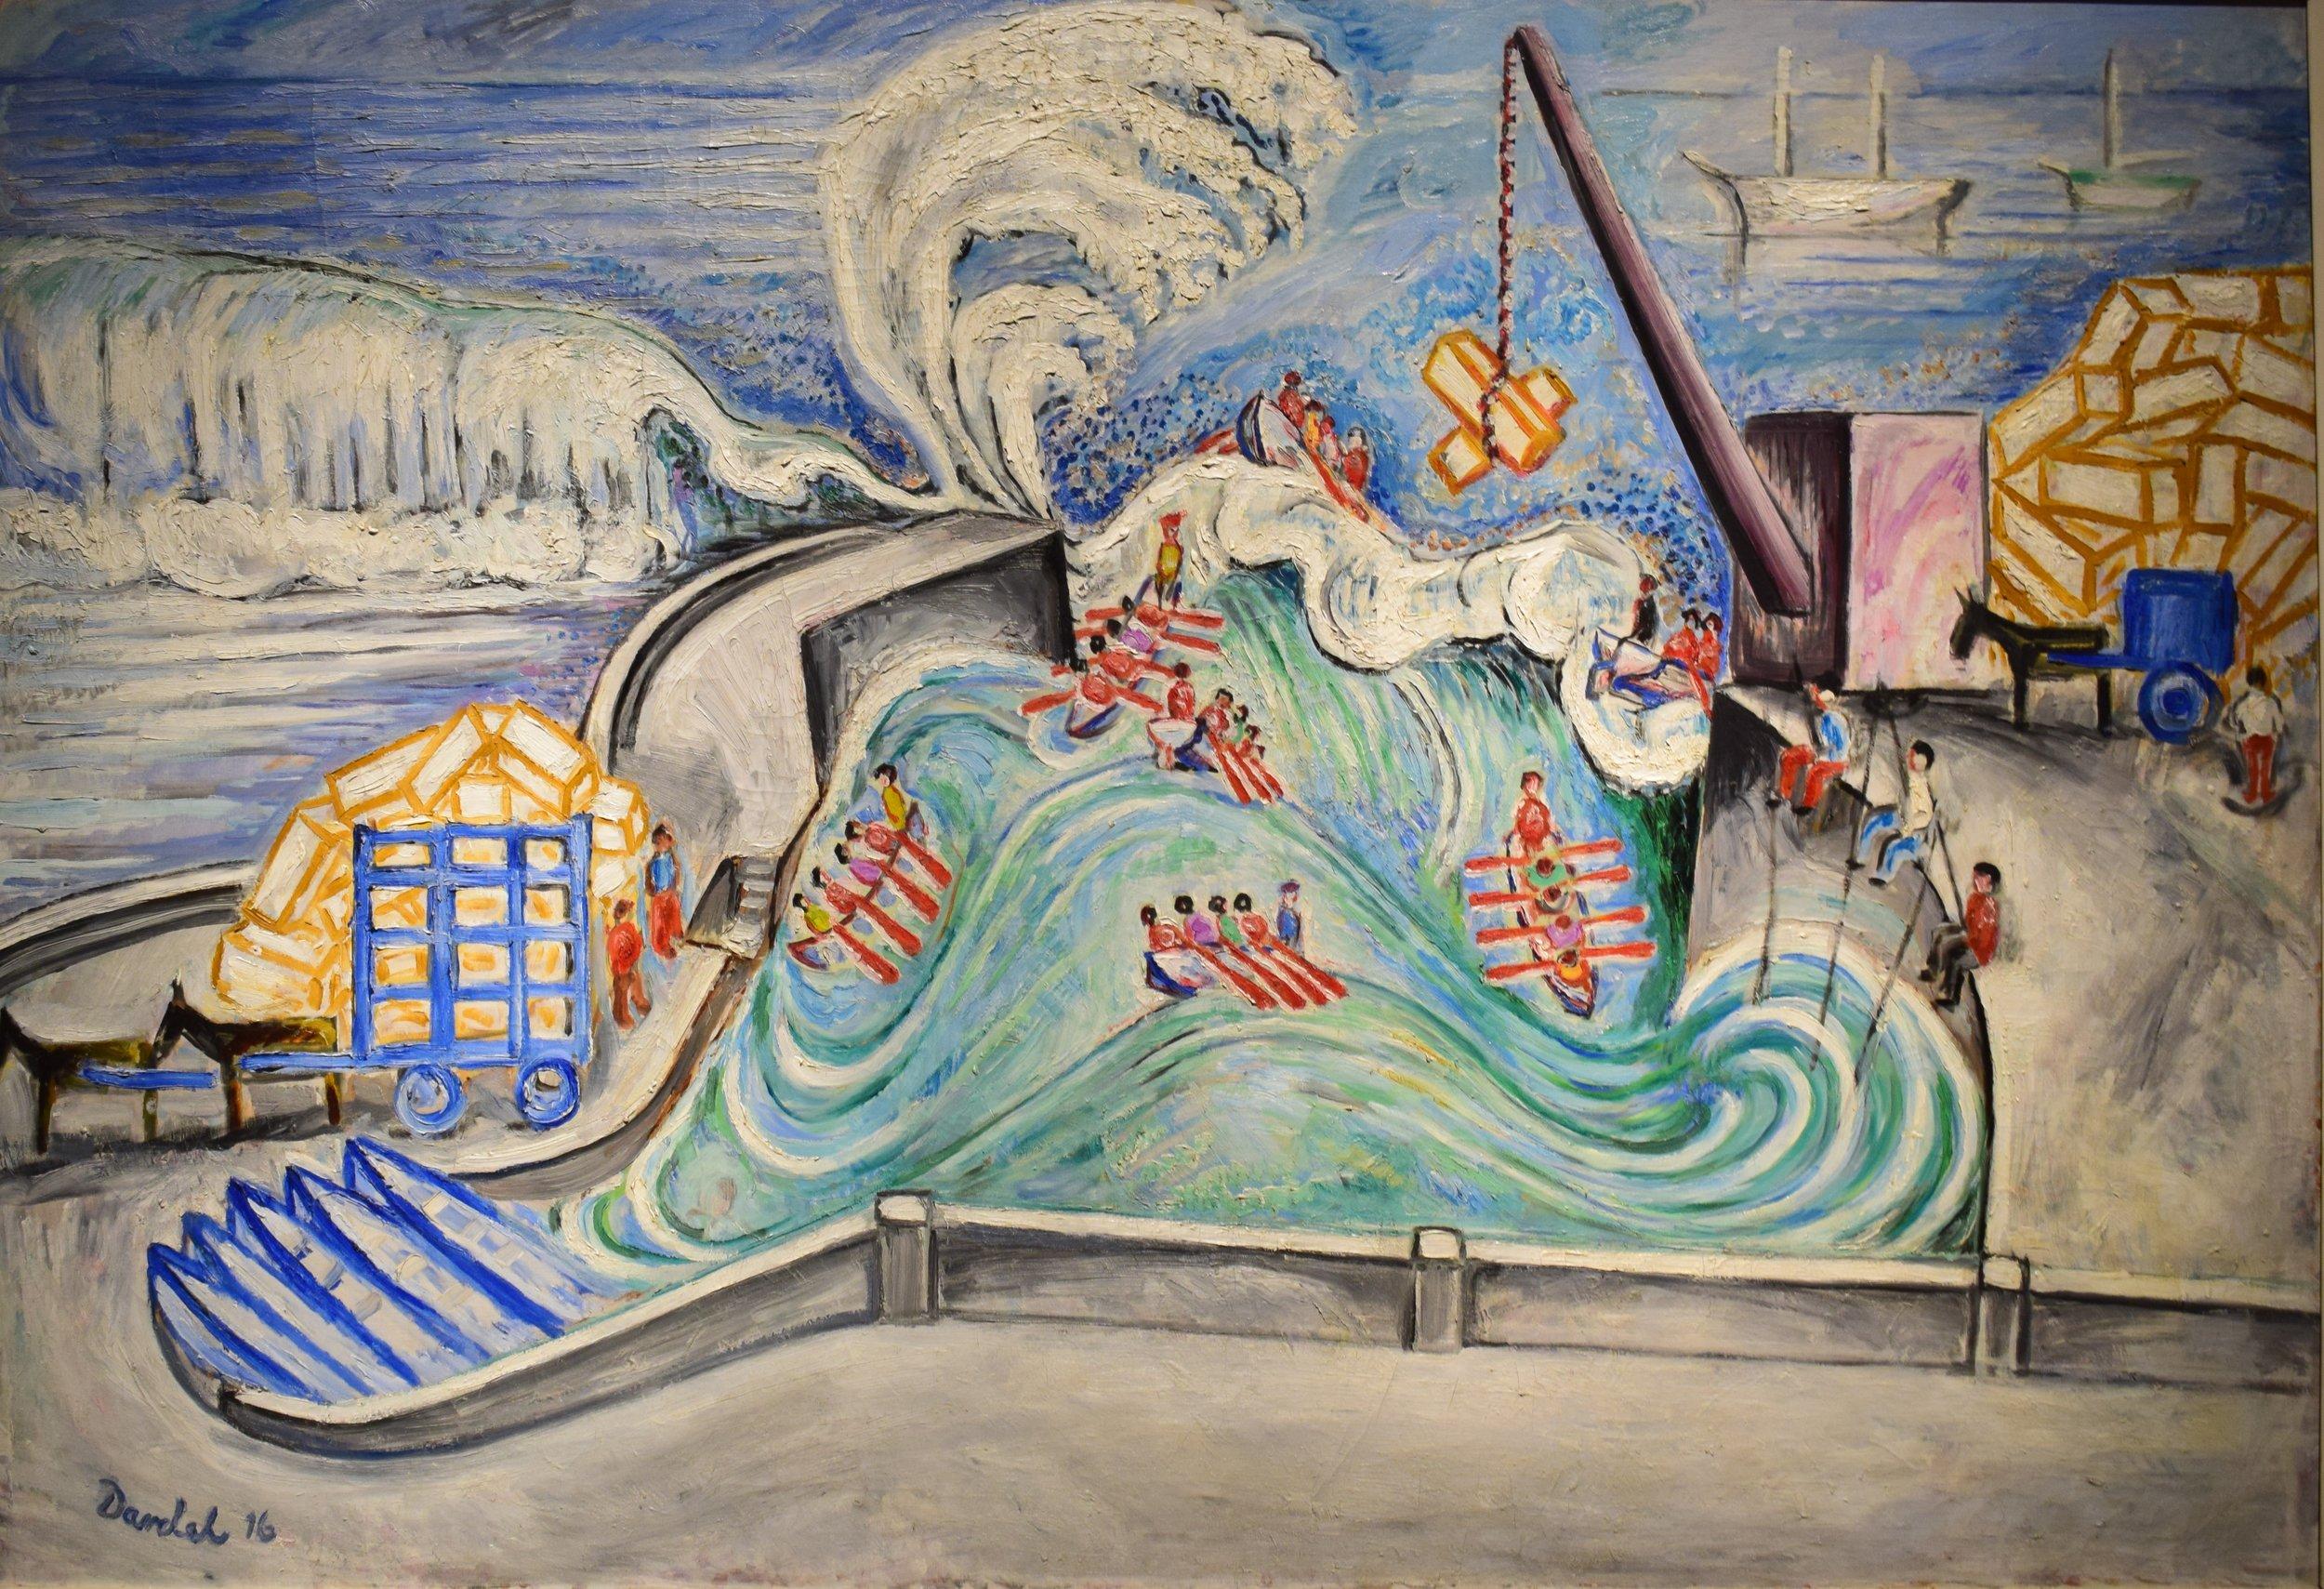 Nils von Dardel, Hamn vid Atlantiska Oceanen (Atlantic Port), 1916